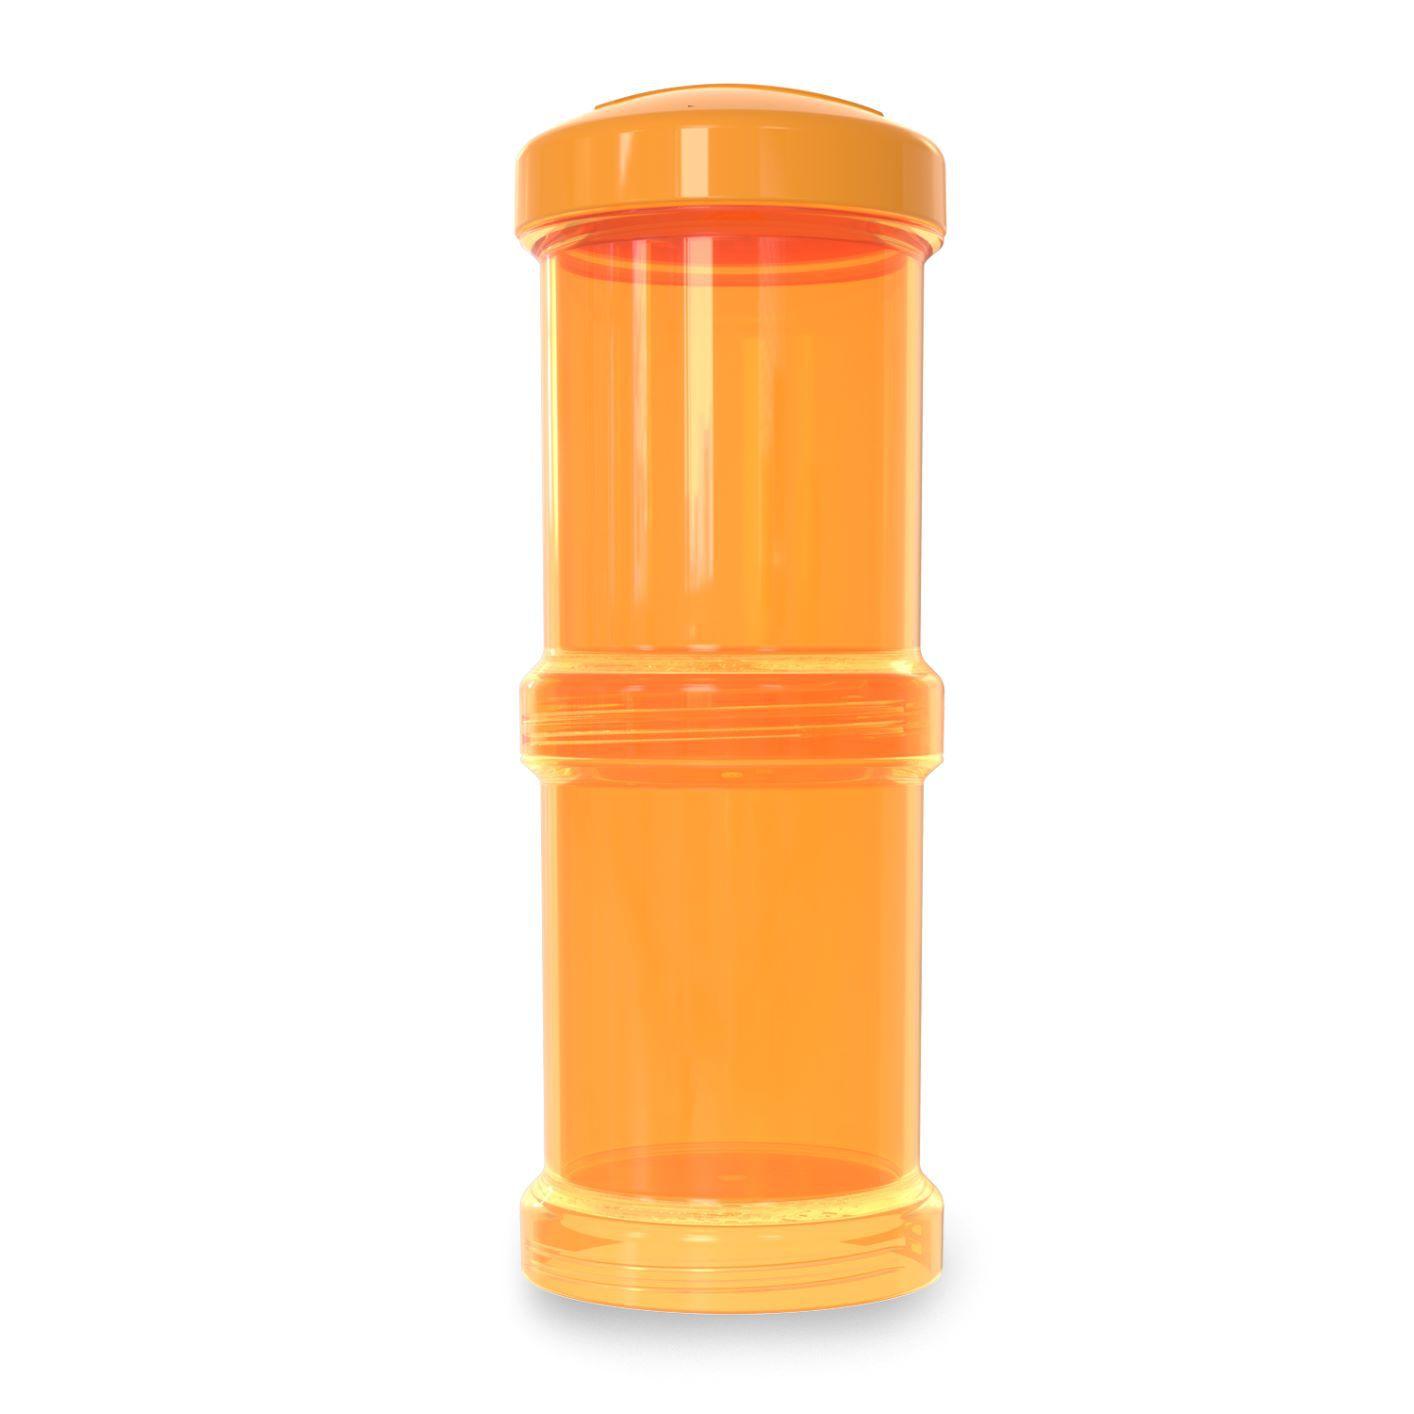 Pote para Leite em Pó - Container Duplo 100ml Laranja - Twistshake